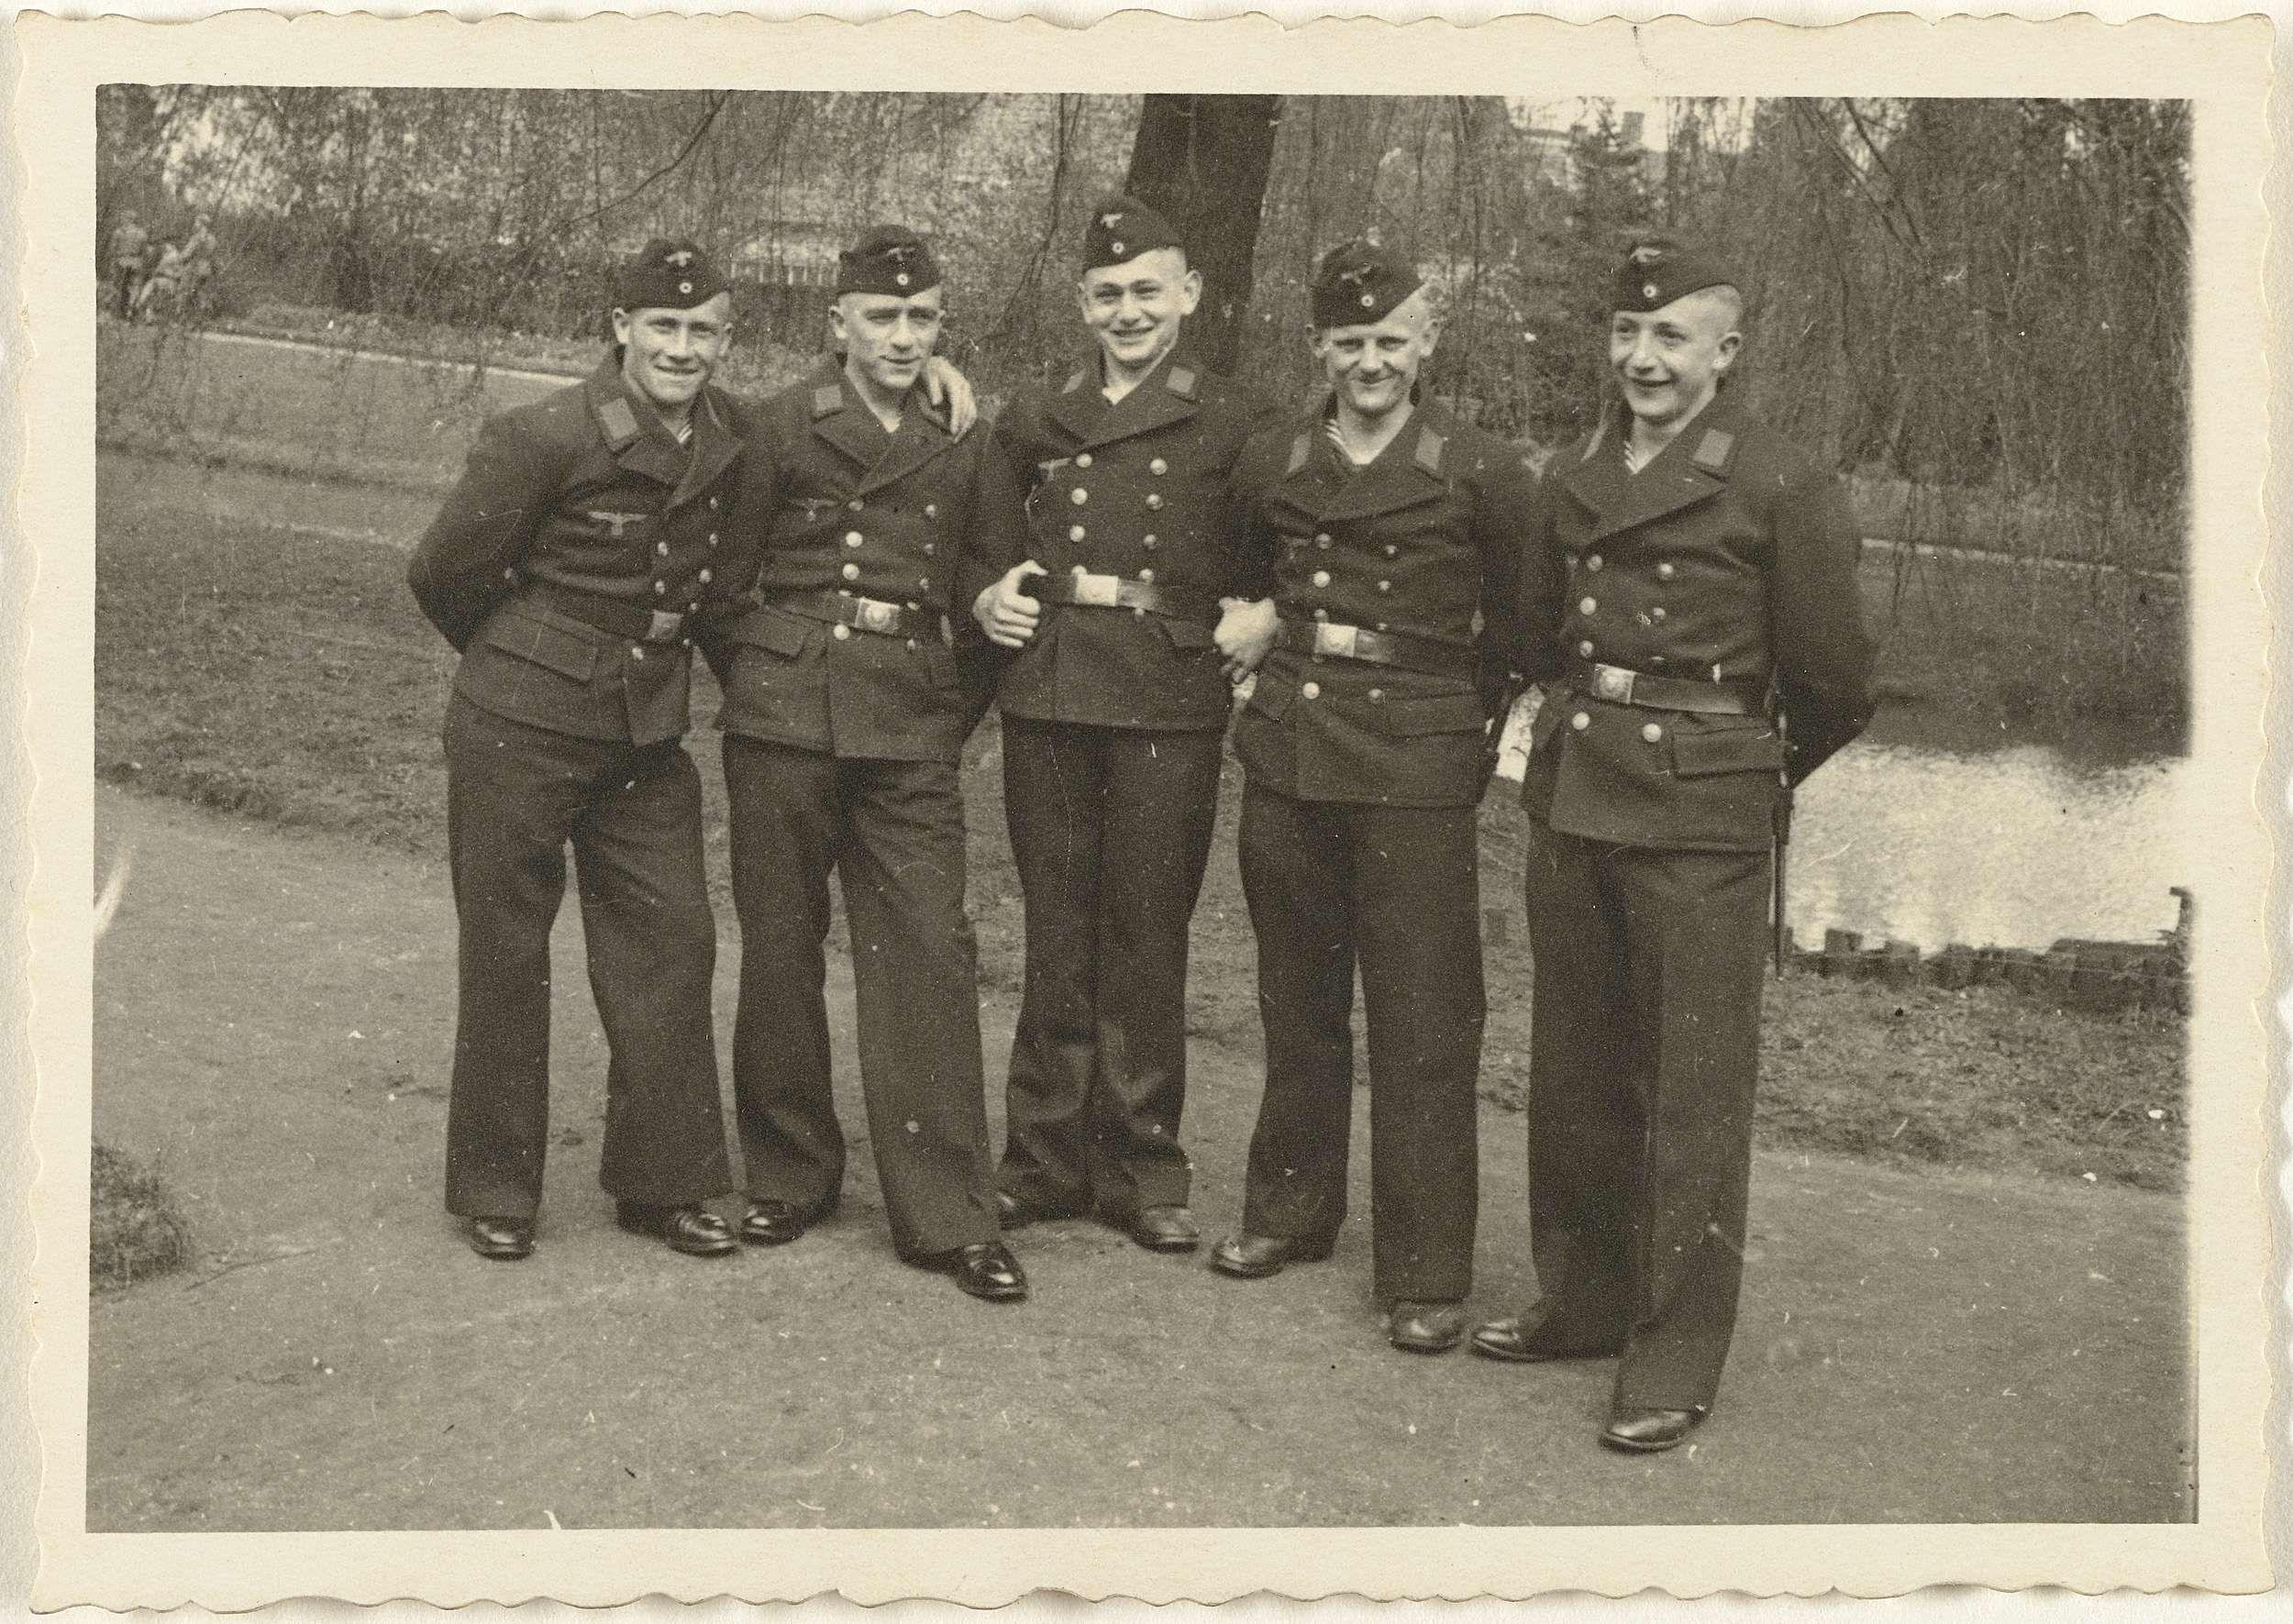 Anonymous | Vijf matrozen in een park, Anonymous, 1940 - 1943 | Vijf matrozen in uniform in een park. Achter hun een vijver. Onderdeel van de groep losse foto's behorend bij het fotoalbum over de Kriegsmarine 1940-1943.